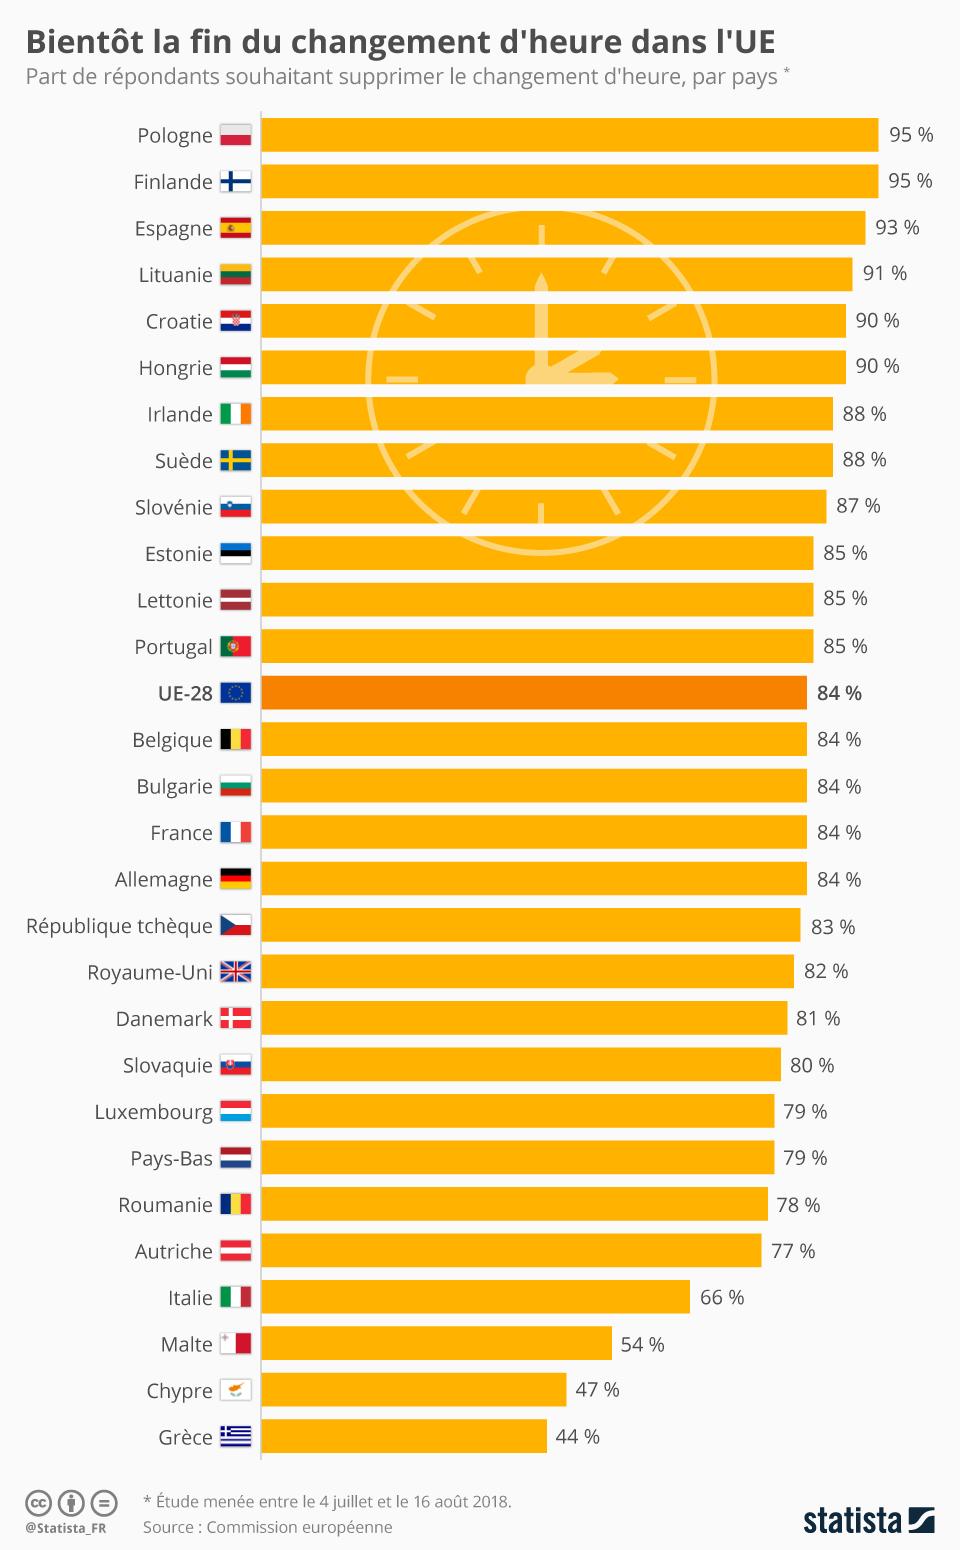 Infographie: Bientôt la fin du changement d'heure dans l'UE  | Statista